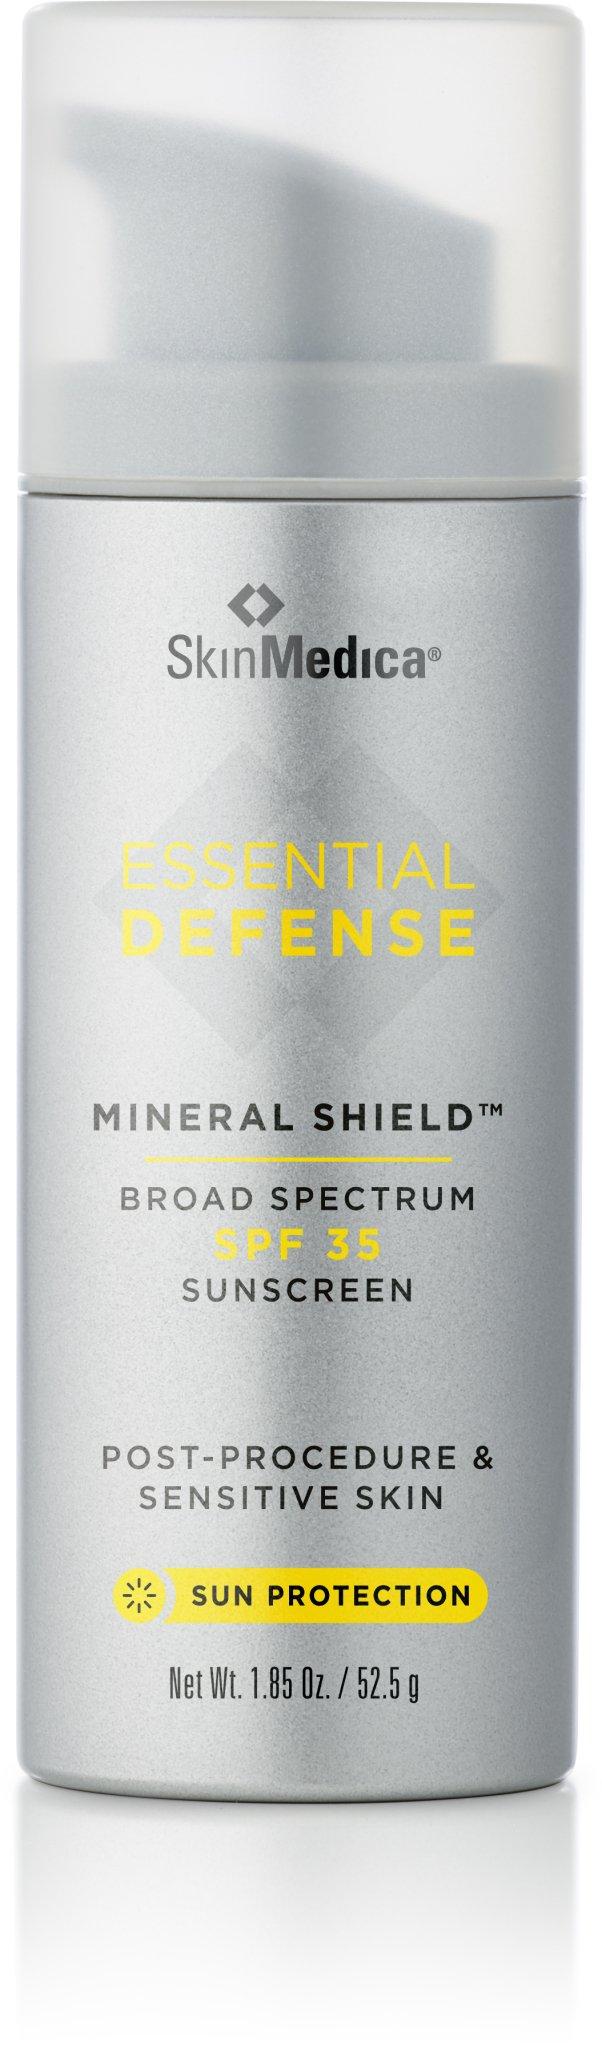 SkinMedica Essential Defense Mineral Shield SPF 35, 1.85 oz.